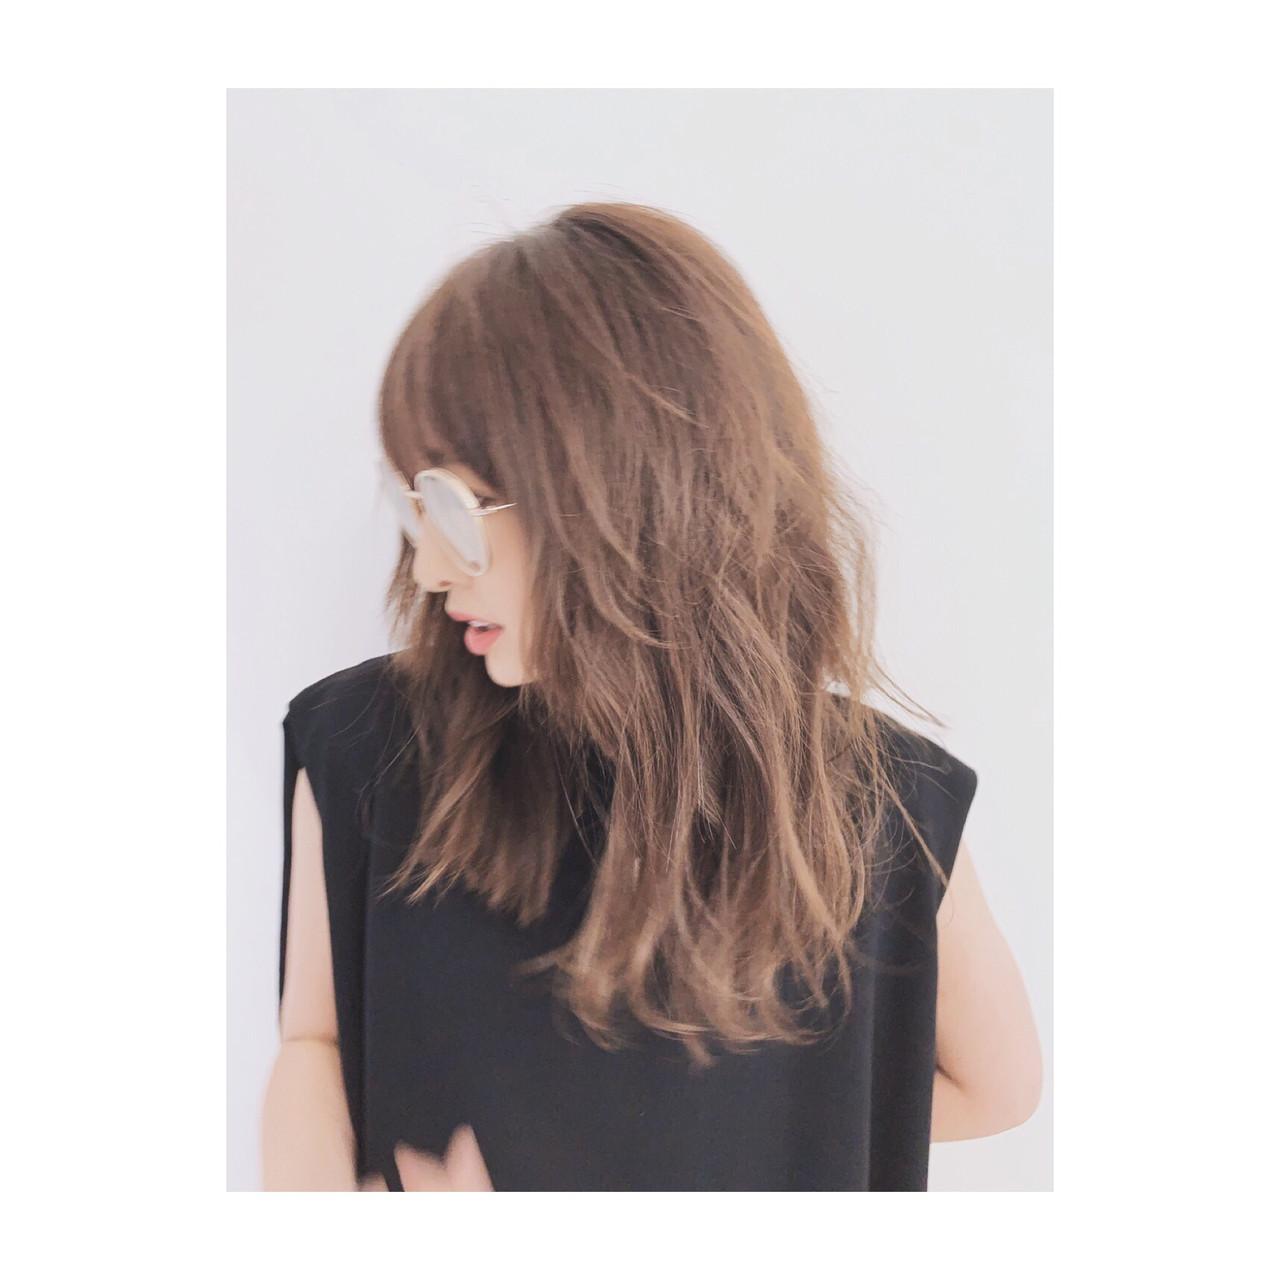 オフィス エレガント デジタルパーマ セミロング ヘアスタイルや髪型の写真・画像